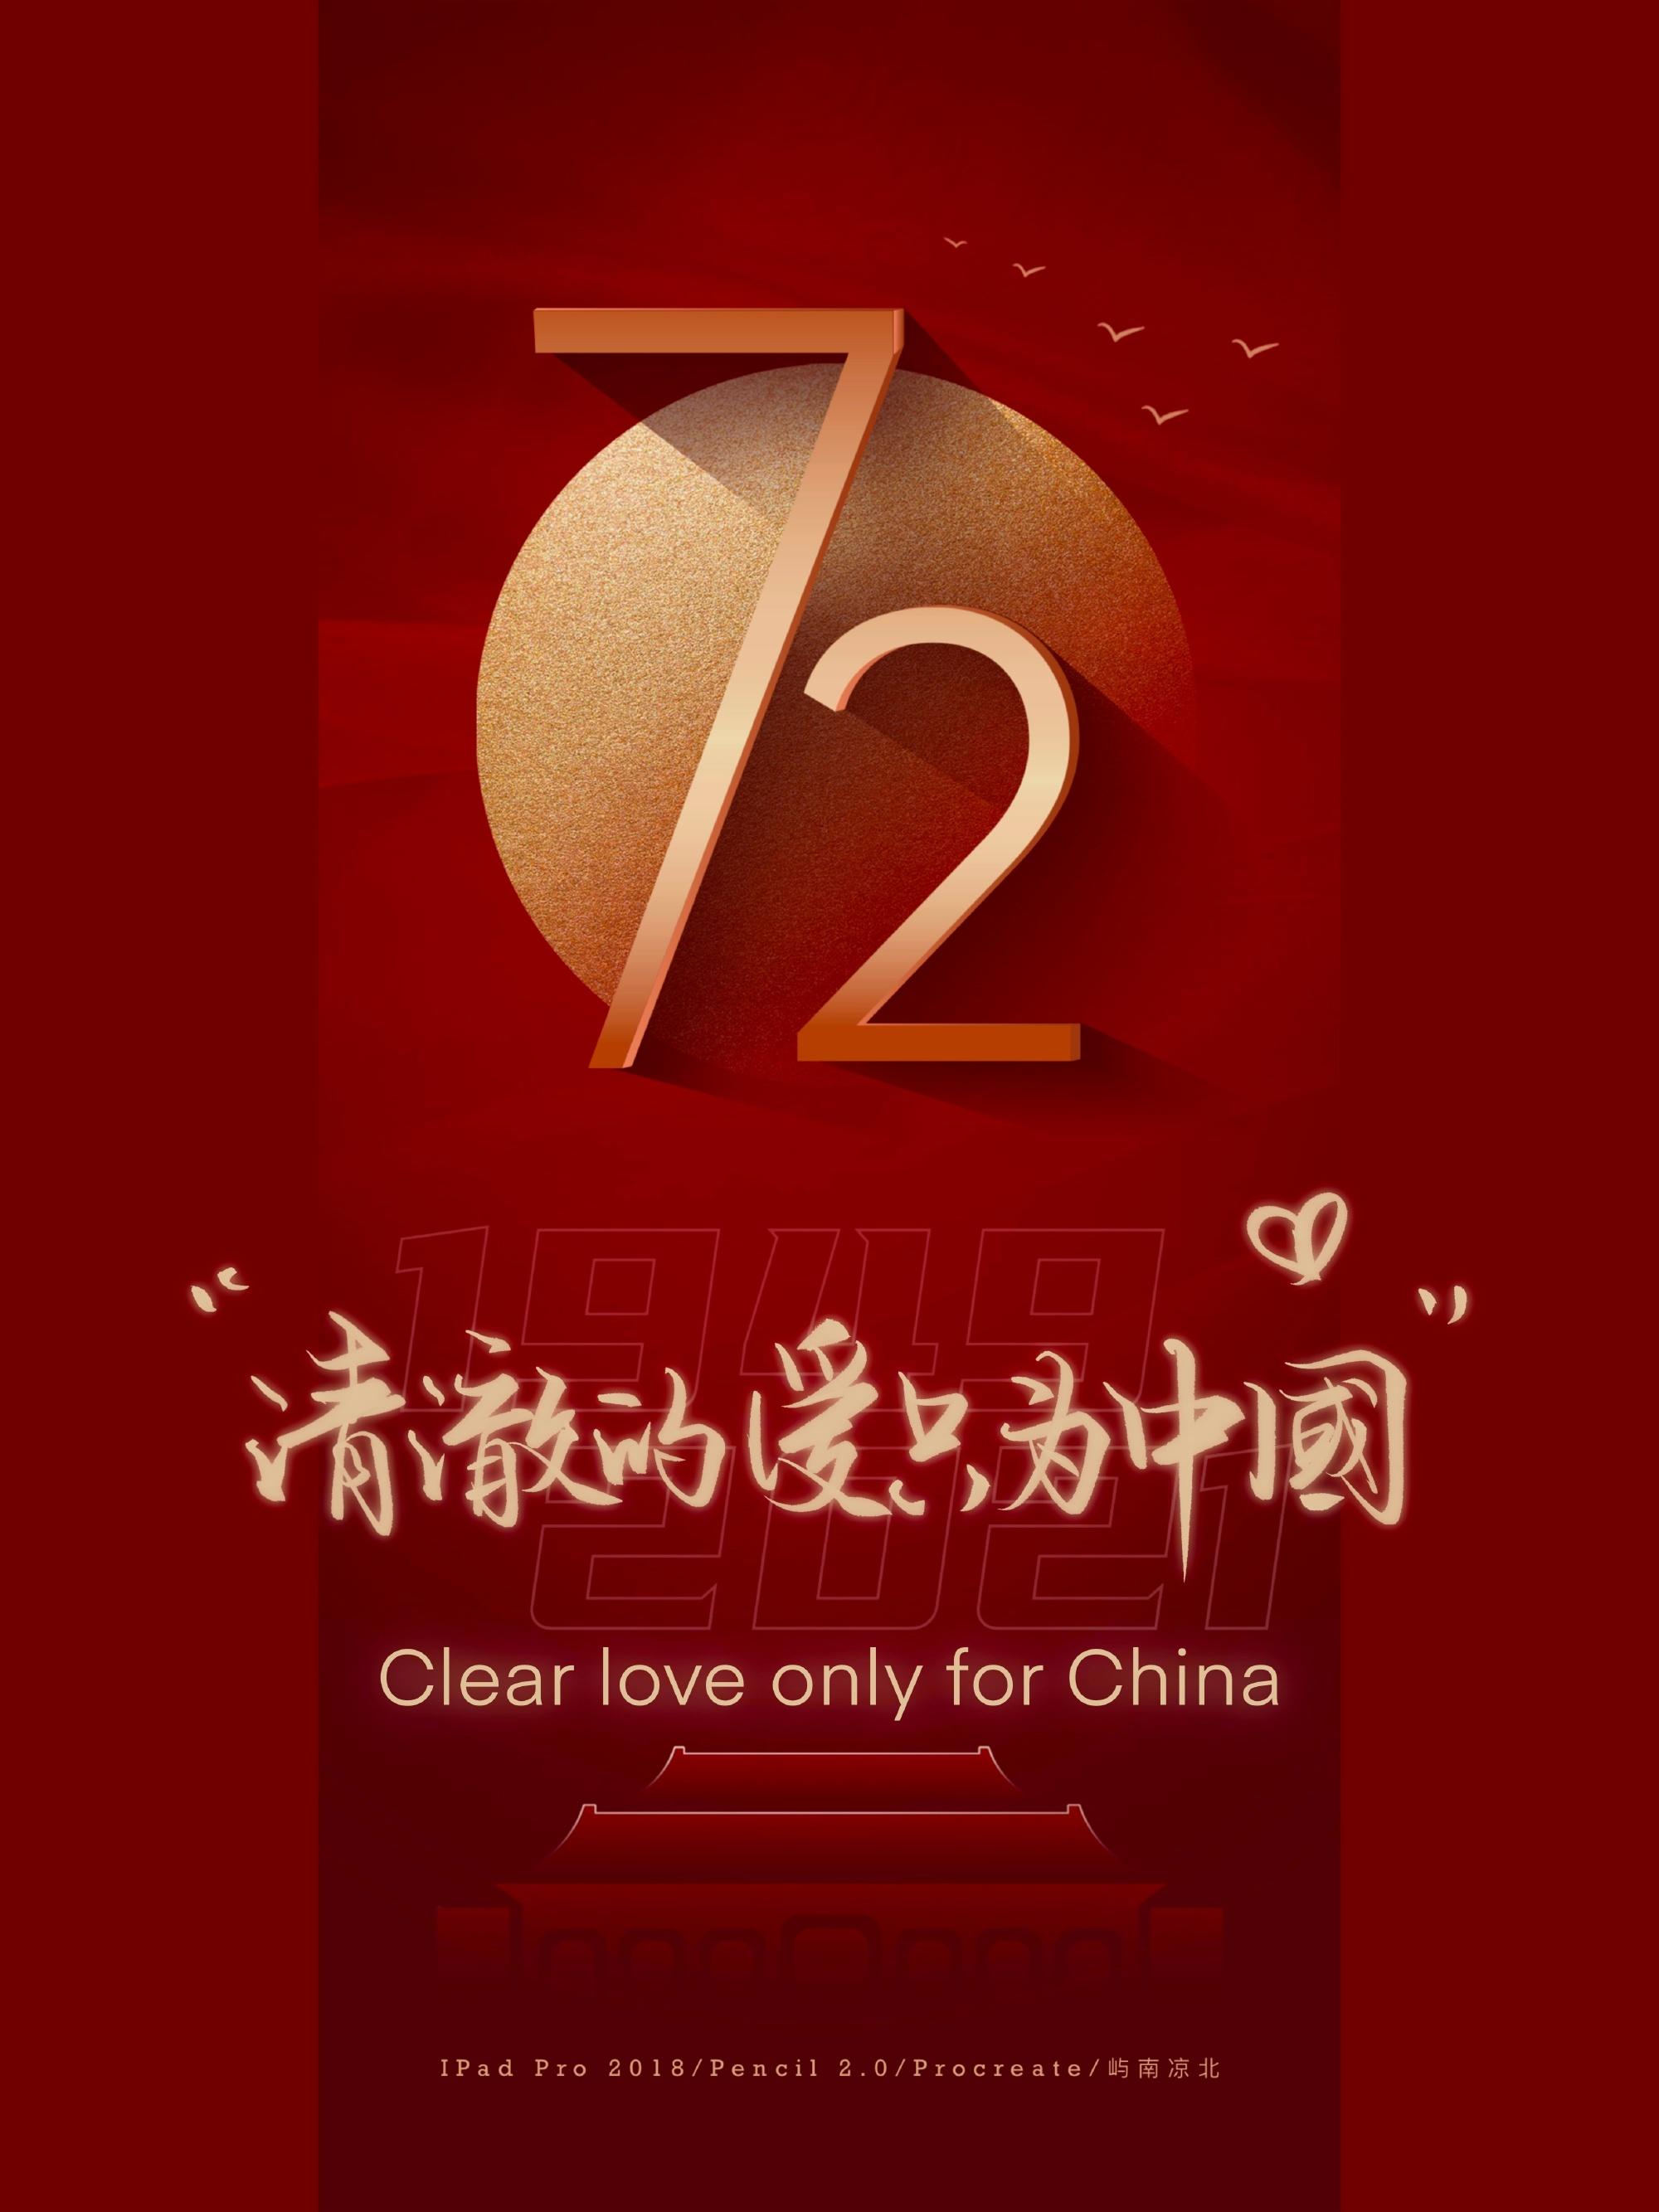 2021国庆节祝福语精选72条 适合发朋友圈的国庆节图片 liuliushe.net六六社 第12张